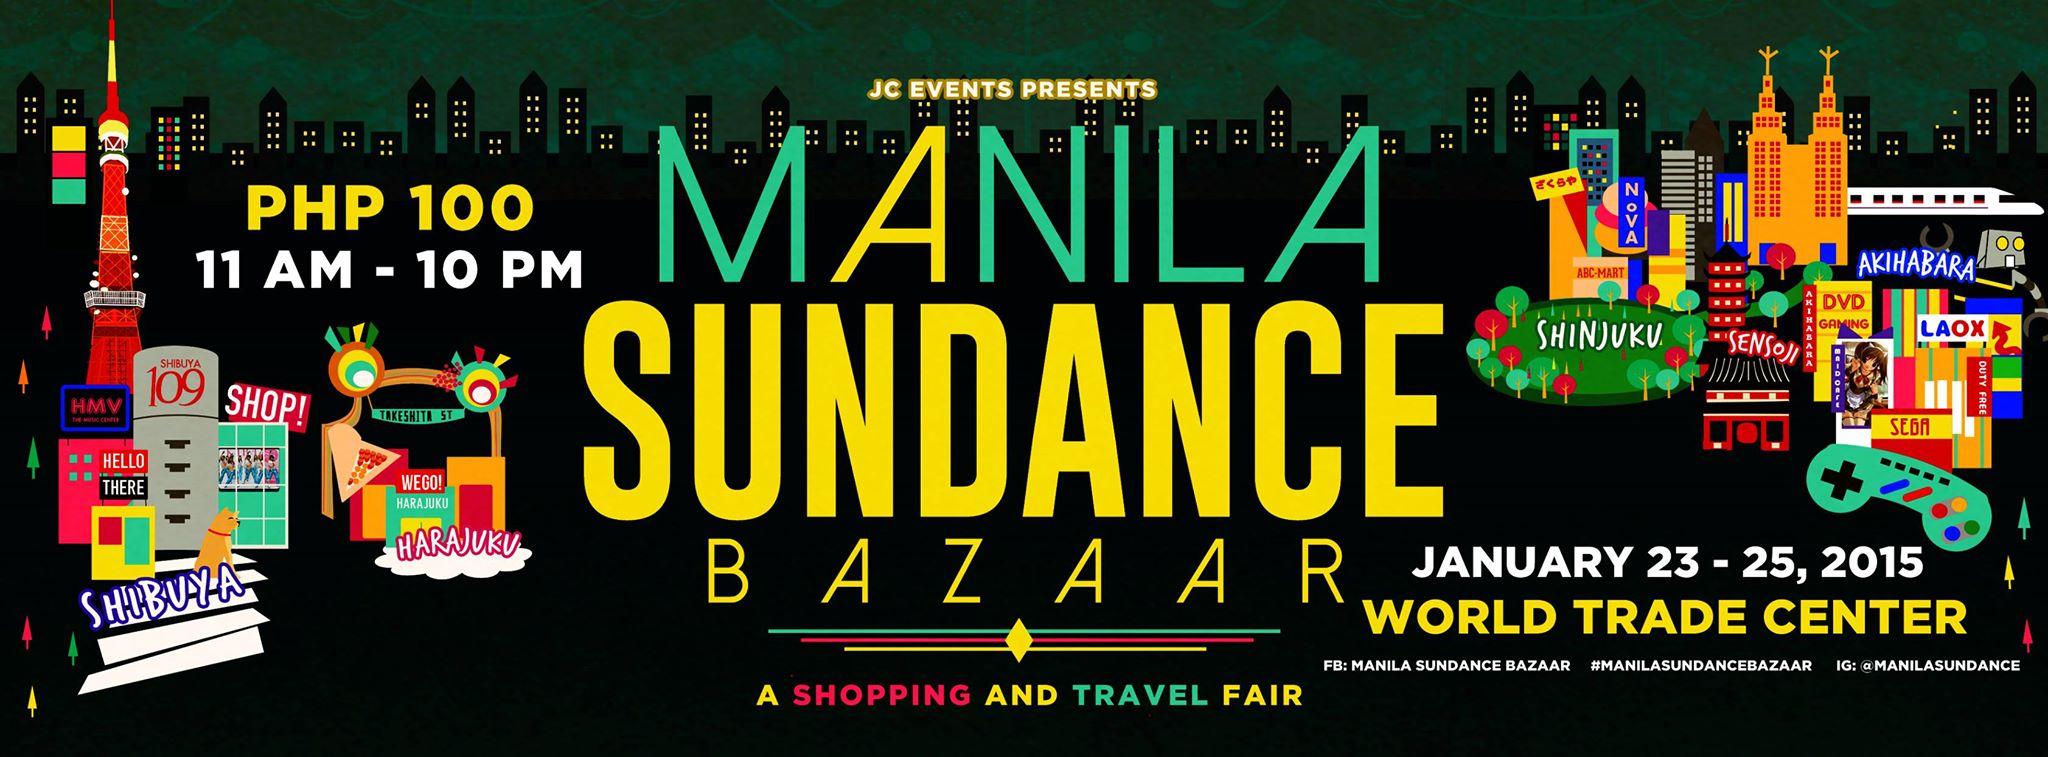 Manila Sundance Bazaar @ World Trade Center January 2015